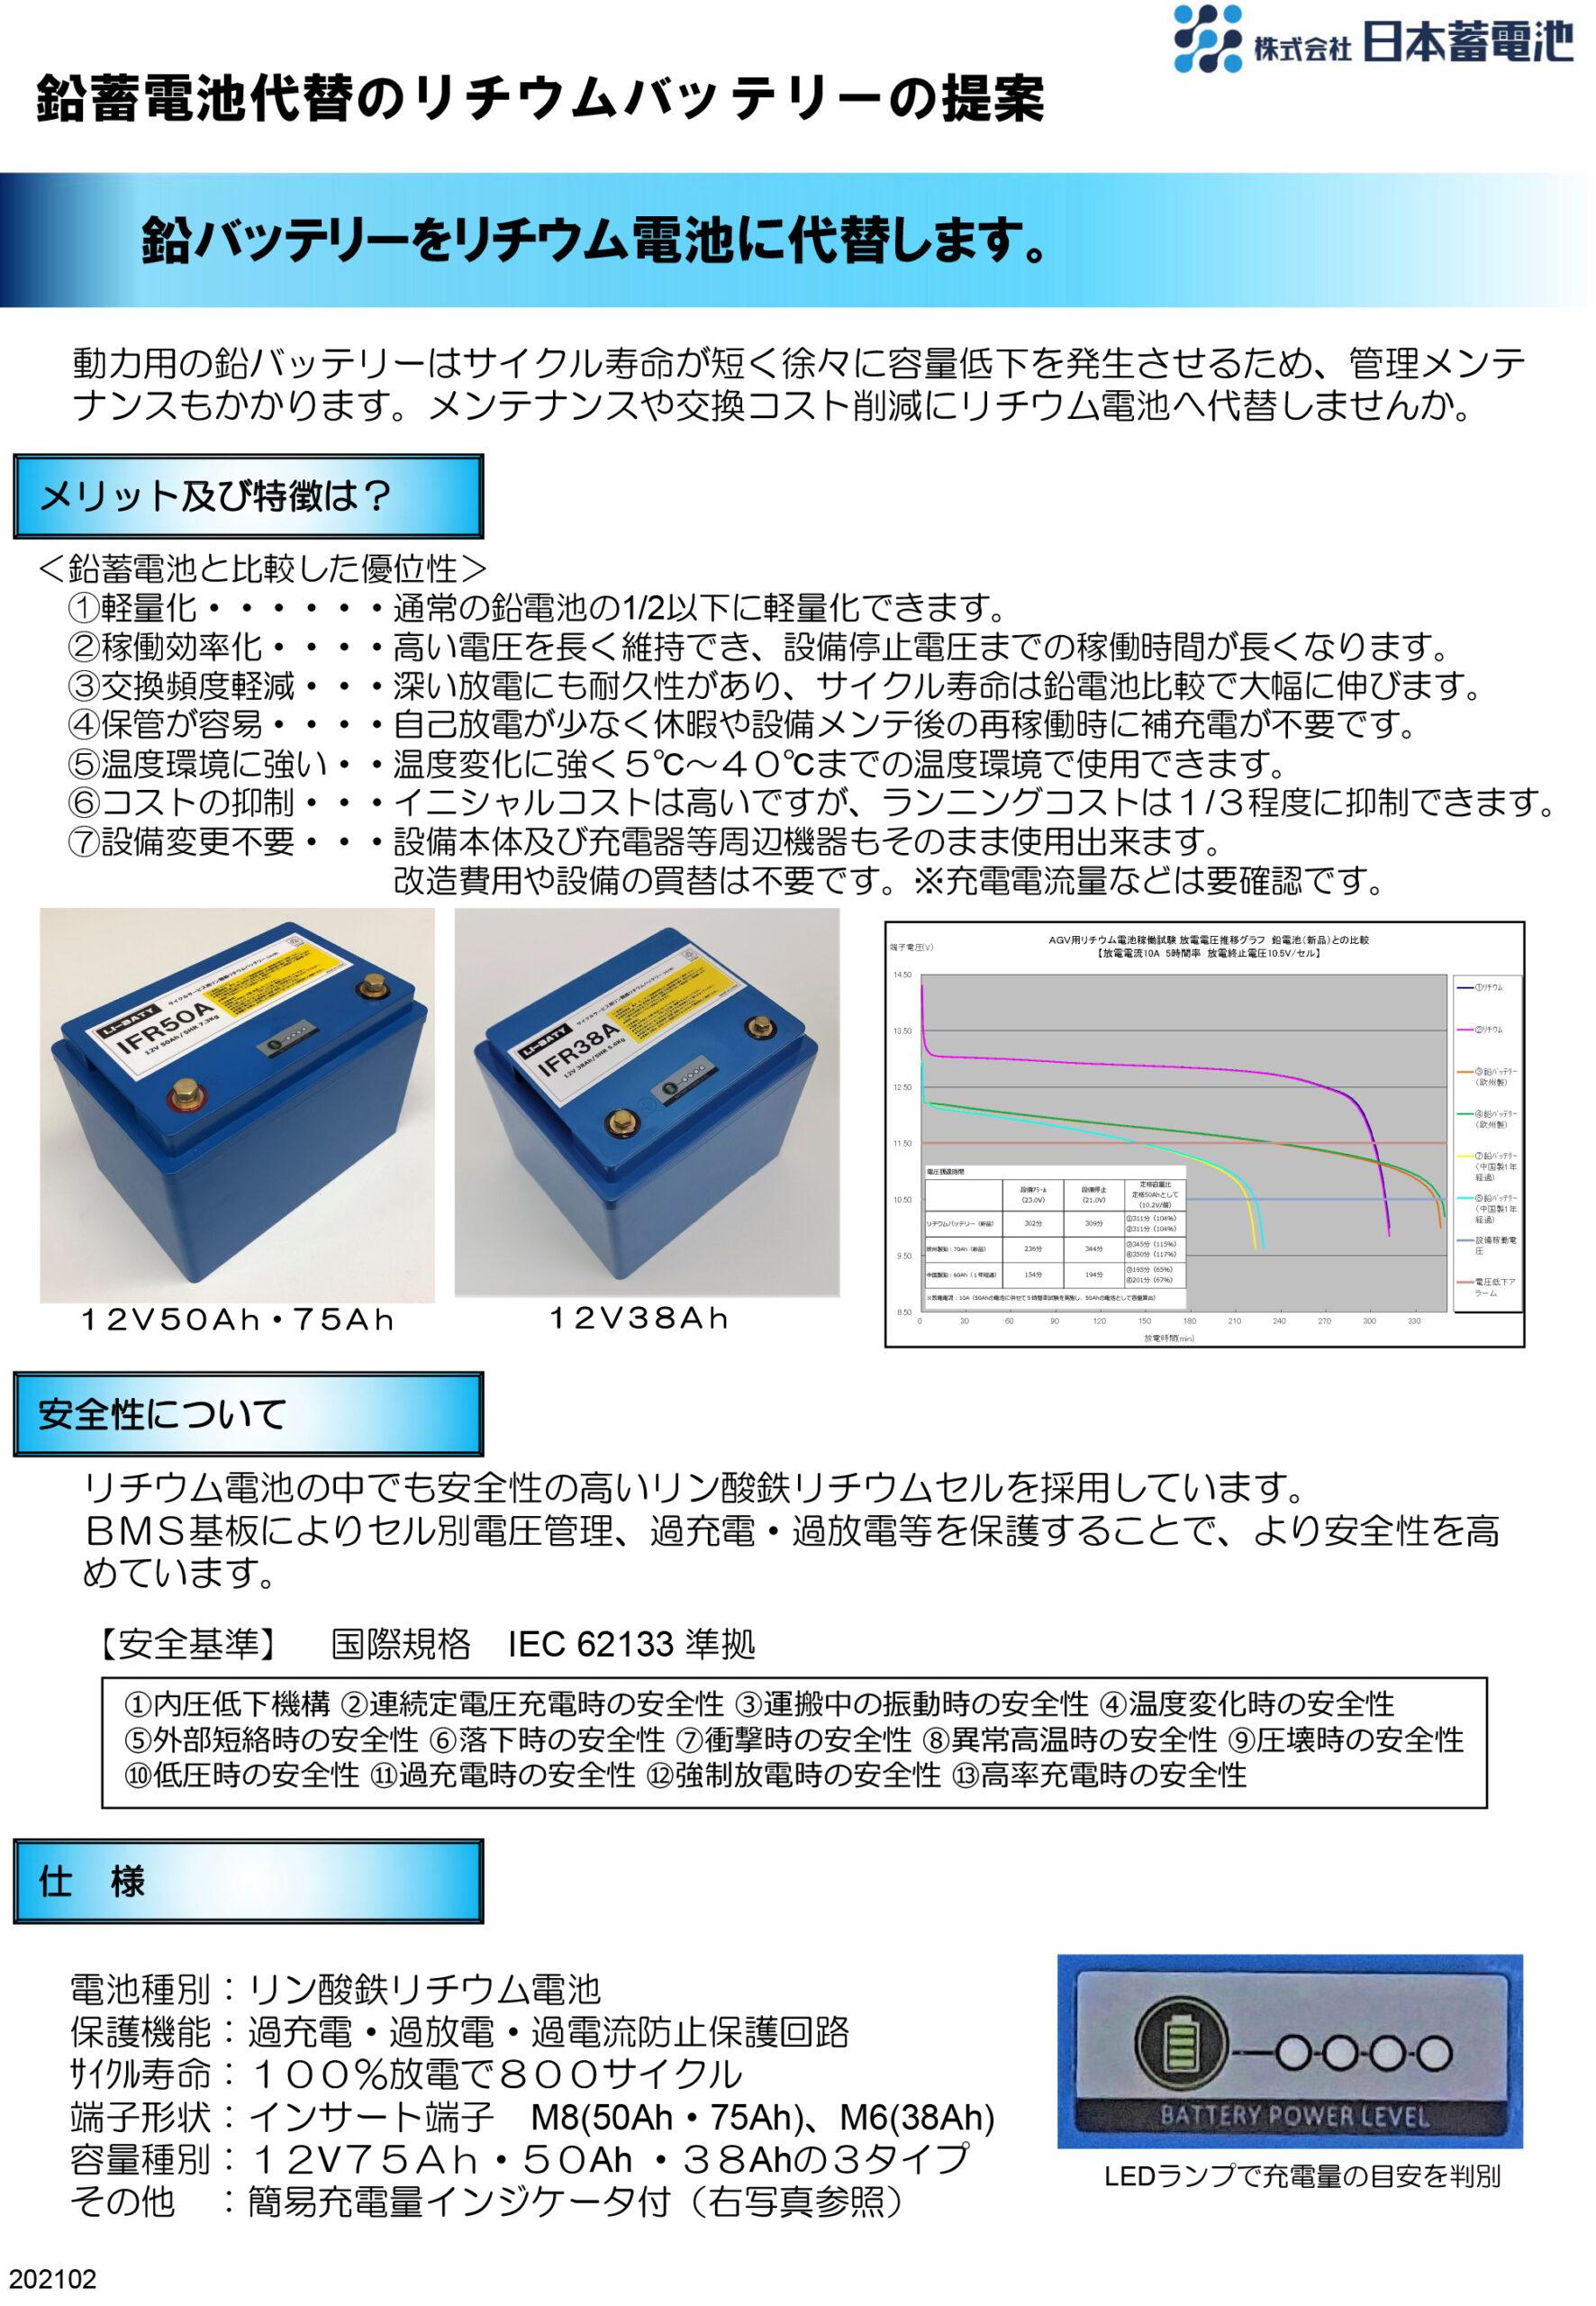 鉛蓄電池代替のリチウムバッテリーの提案動力用の鉛バッテリーはサイクル寿命が短く徐々に容量低下を発生させるため、管理メンテナンスもかかります。メンテナンスや交換コスト削減にリチウム電池へ代替しませんか。メリット及び特徴は?電池種別:リン酸鉄リチウム電池保護機能:過充電・過放電・過電流防止保護回路サイクル寿命:100%放電で800サイクル端子形状:インサート端子 M8(50Ah・75Ah)、M6(38Ah)容量種別:12V75Ah・50Ah ・38Ahの3タイプその他 :簡易充電量インジケータ付(右写真参照)<鉛蓄電池と比較した優位性> ①軽量化・・・・・・通常の鉛電池の1/2以下に軽量化できます。 ②稼働効率化・・・・高い電圧を長く維持でき、設備停止電圧までの稼働時間が長くなります。 ③交換頻度軽減・・・深い放電にも耐久性があり、サイクル寿命は鉛電池比較で大幅に伸びます。 ④保管が容易・・・・自己放電が少なく休暇や設備メンテ後の再稼働時に補充電が不要です。 ⑤温度環境に強い・・温度変化に強く5℃~40℃までの温度環境で使用できます。 ⑥コストの抑制・・・イニシャルコストは高いですが、ランニングコストは1/3程度に抑制できます。 ⑦設備変更不要・・・設備本体及び充電器等周辺機器もそのまま使用出来ます。           改造費用や設備の買替は不要です。※充電電流量などは要確認です。リチウム電池の中でも安全性の高いリン酸鉄リチウムセルを採用しています。BMS基板によりセル別電圧管理、過充電・過放電等を保護することで、より安全性を高めています。【安全基準】 国際規格 IEC 62133 準拠①内圧低下機構 ②連続定電圧充電時の安全性 ③運搬中の振動時の安全性 ④温度変化時の安全性⑤外部短絡時の安全性 ⑥落下時の安全性 ⑦衝撃時の安全性 ⑧異常高温時の安全性 ⑨圧壊時の安全性⑩低圧時の安全性 ⑪過充電時の安全性 ⑫強制放電時の安全性 ⑬高率充電時の安全性LEDランプで充電量の目安を判別12V50Ah・75Ah 12V38Ah鉛バッテリーをリチウム電池に代替します。安全性について仕 様202102